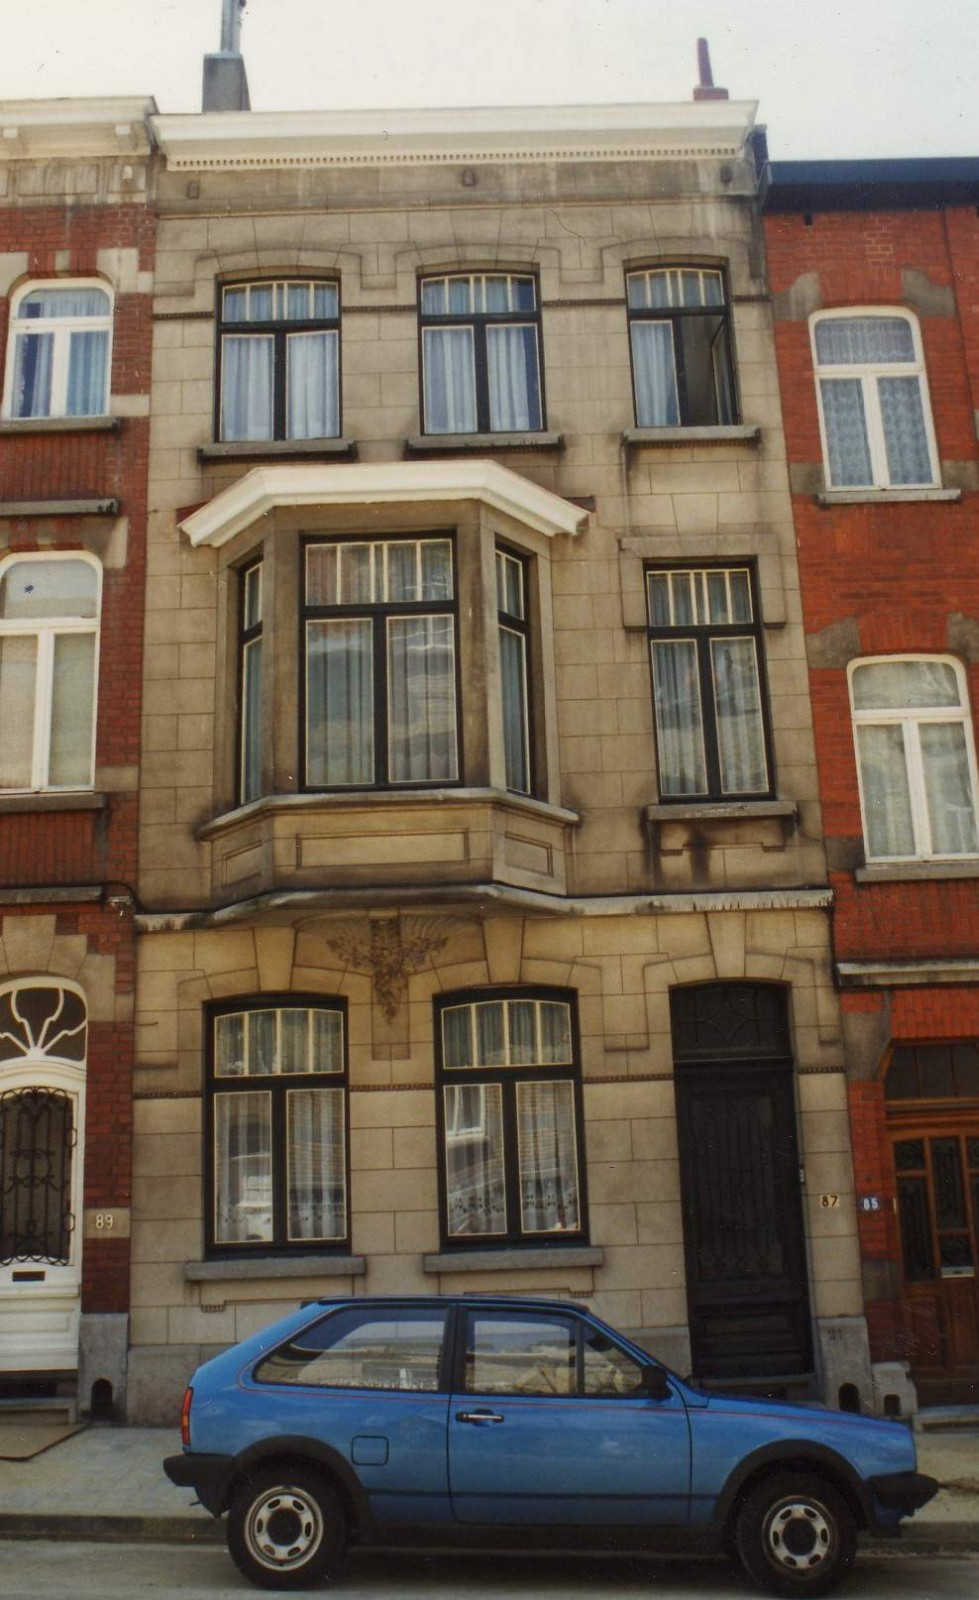 Antoine Gautierstraat 87., 1994